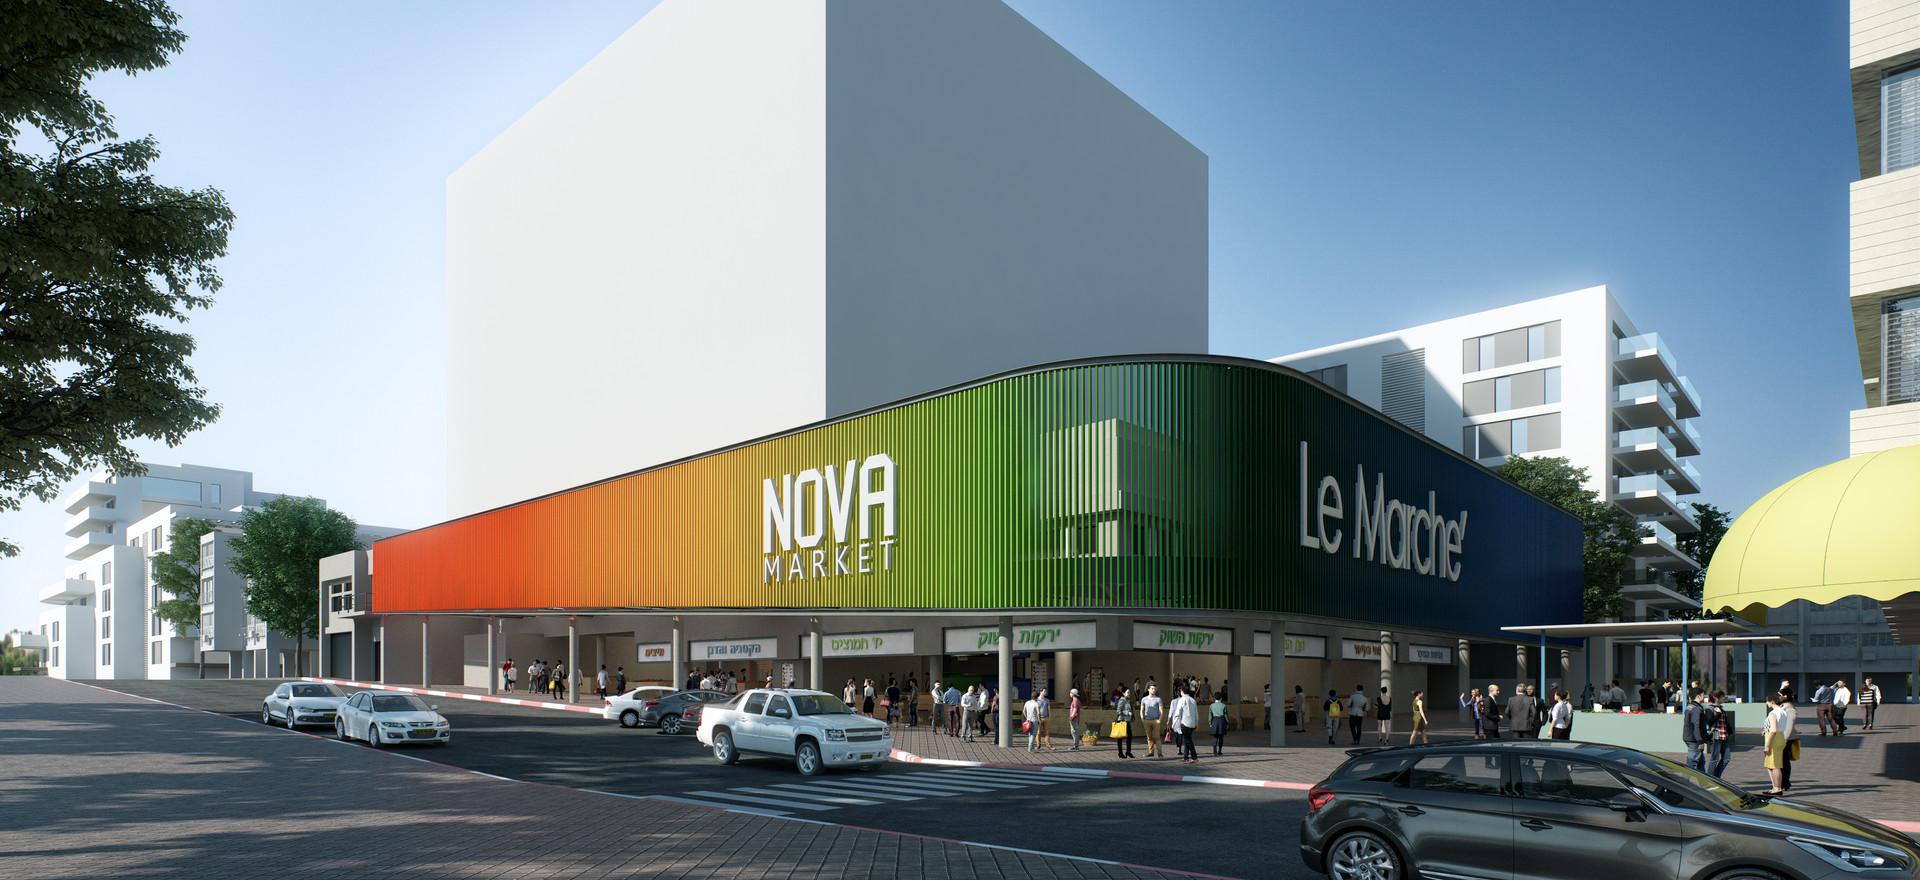 NOVA - Nayanya Market